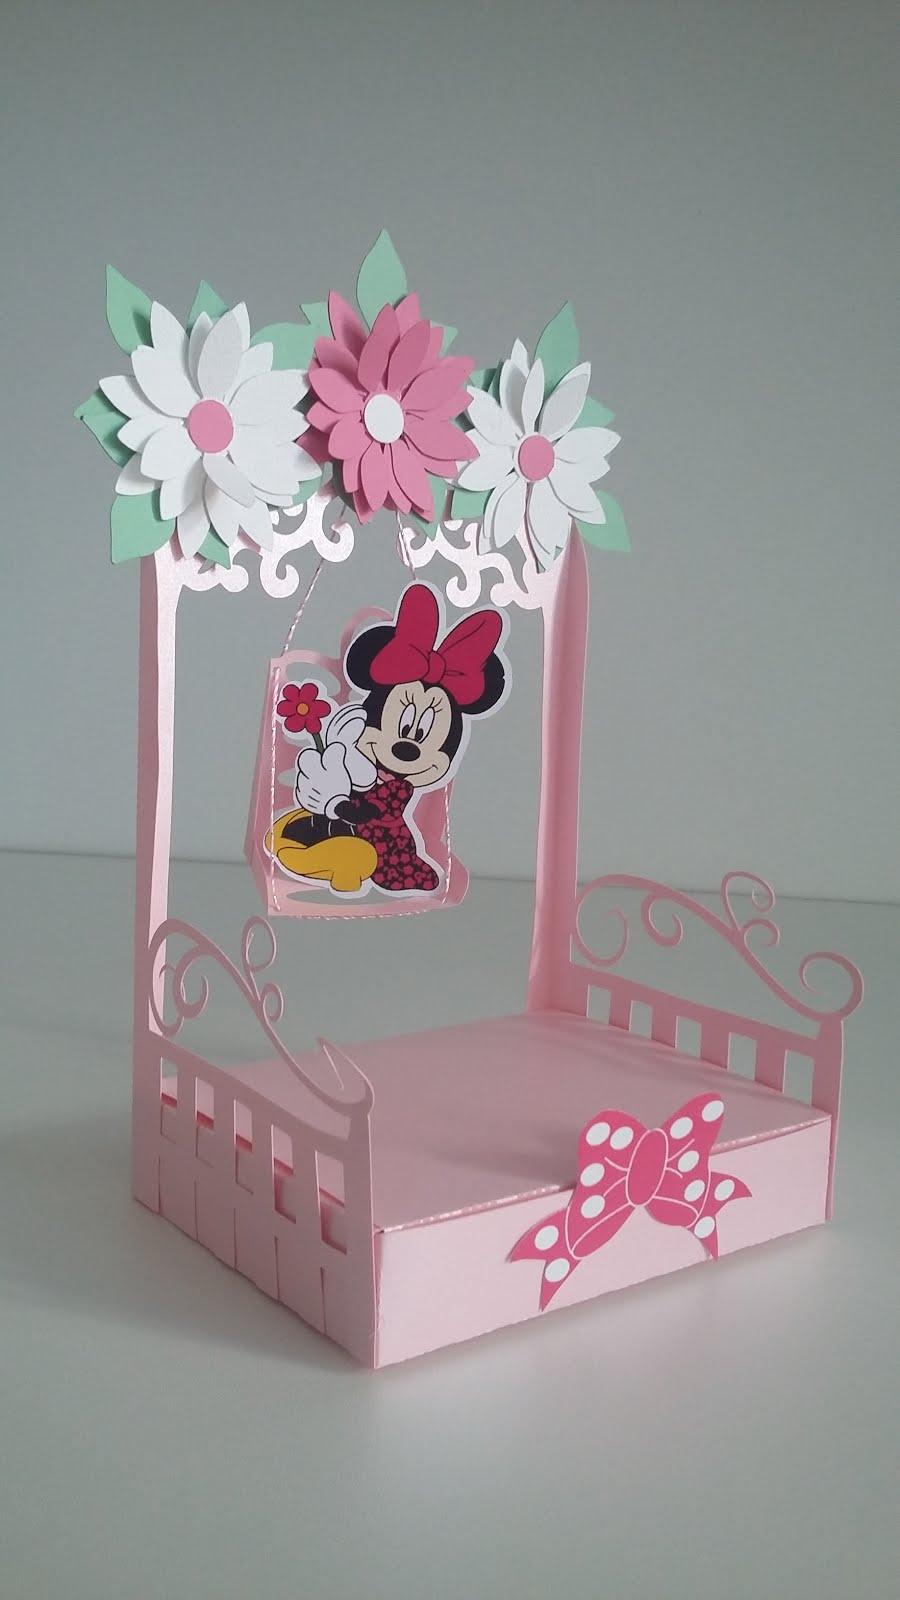 Balanço da Minnie